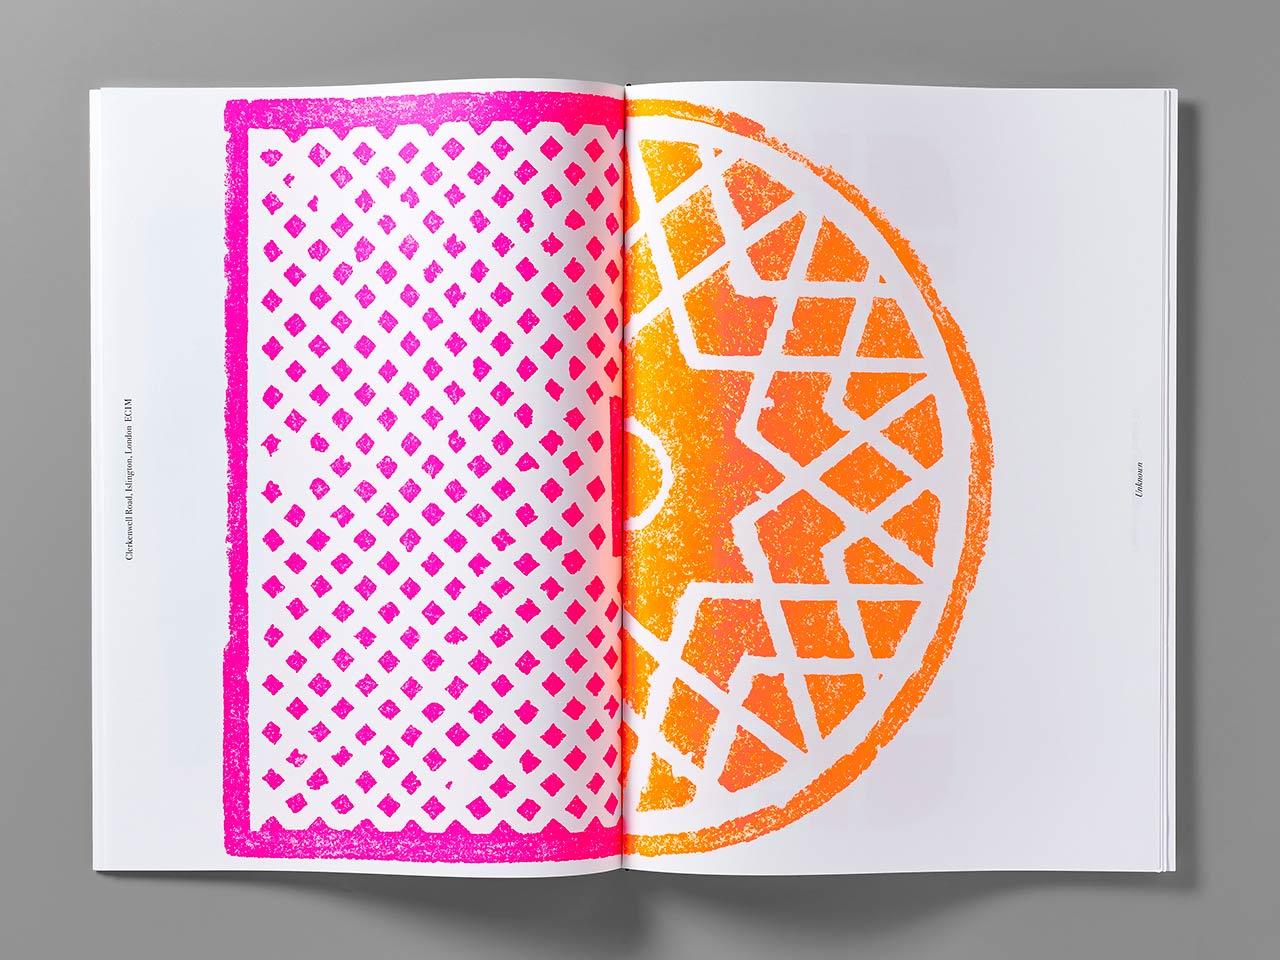 Pentagram_Overlooked-PP-book_09